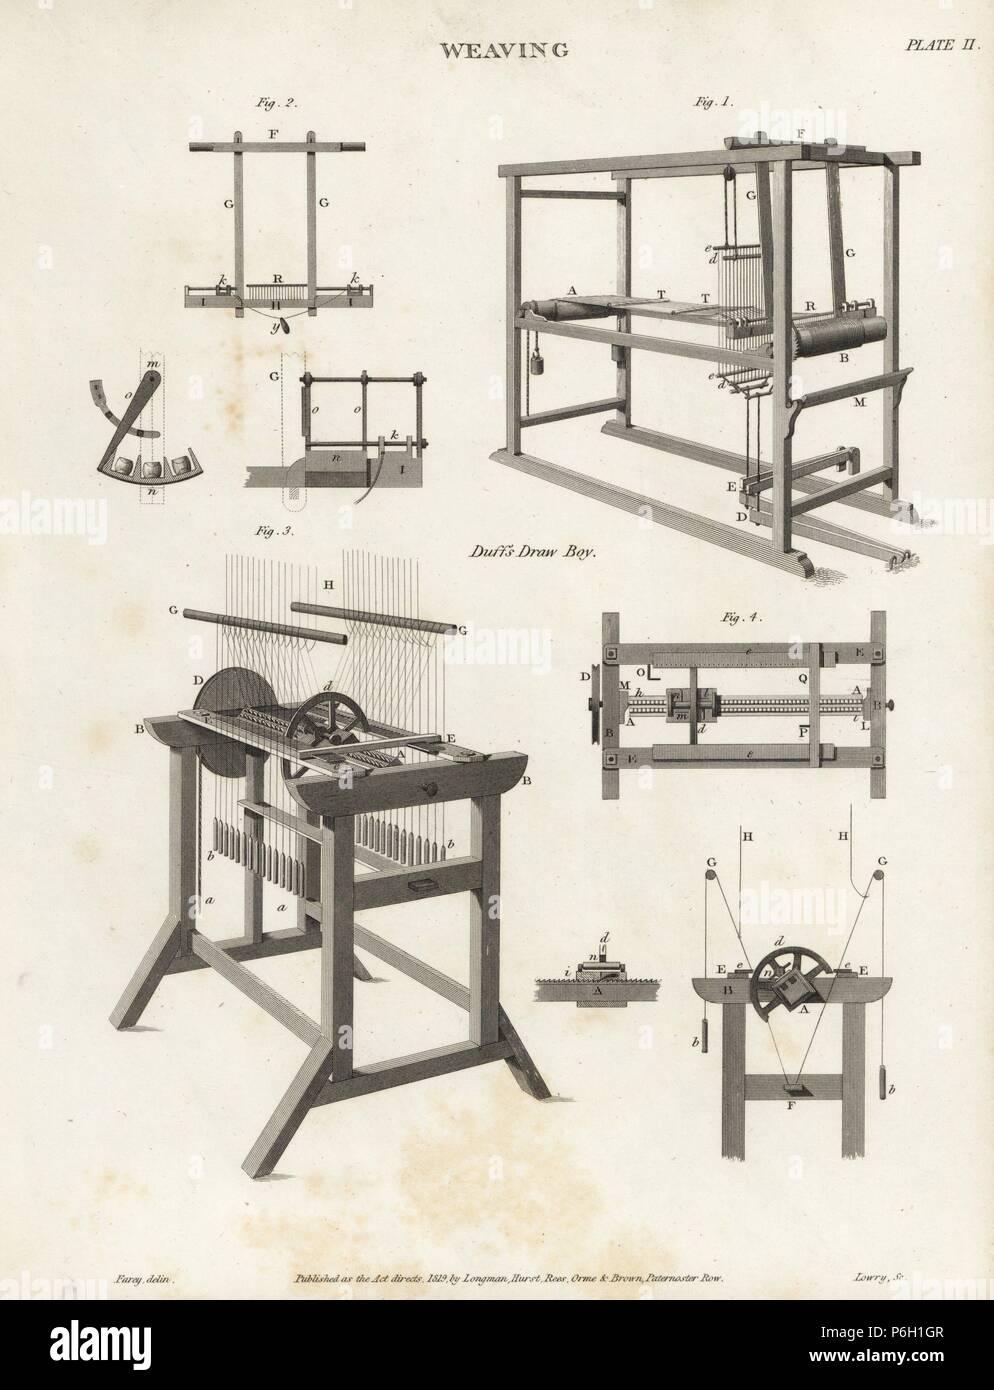 Duff's draw boy, a thread-arranging machine for a drawloom